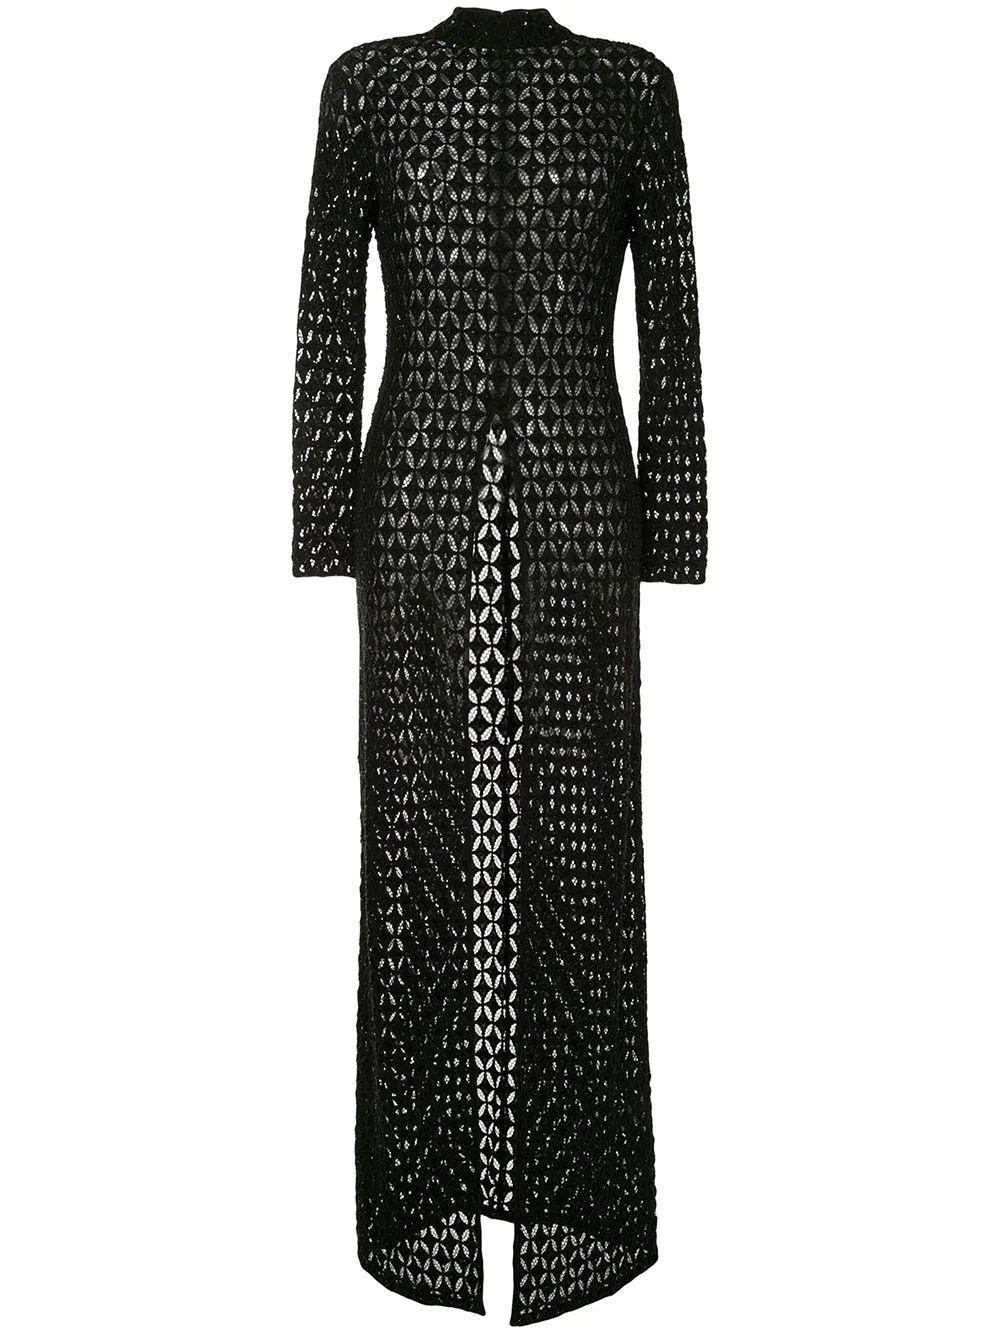 Poppy Sequin Dress Item # FW20-2982